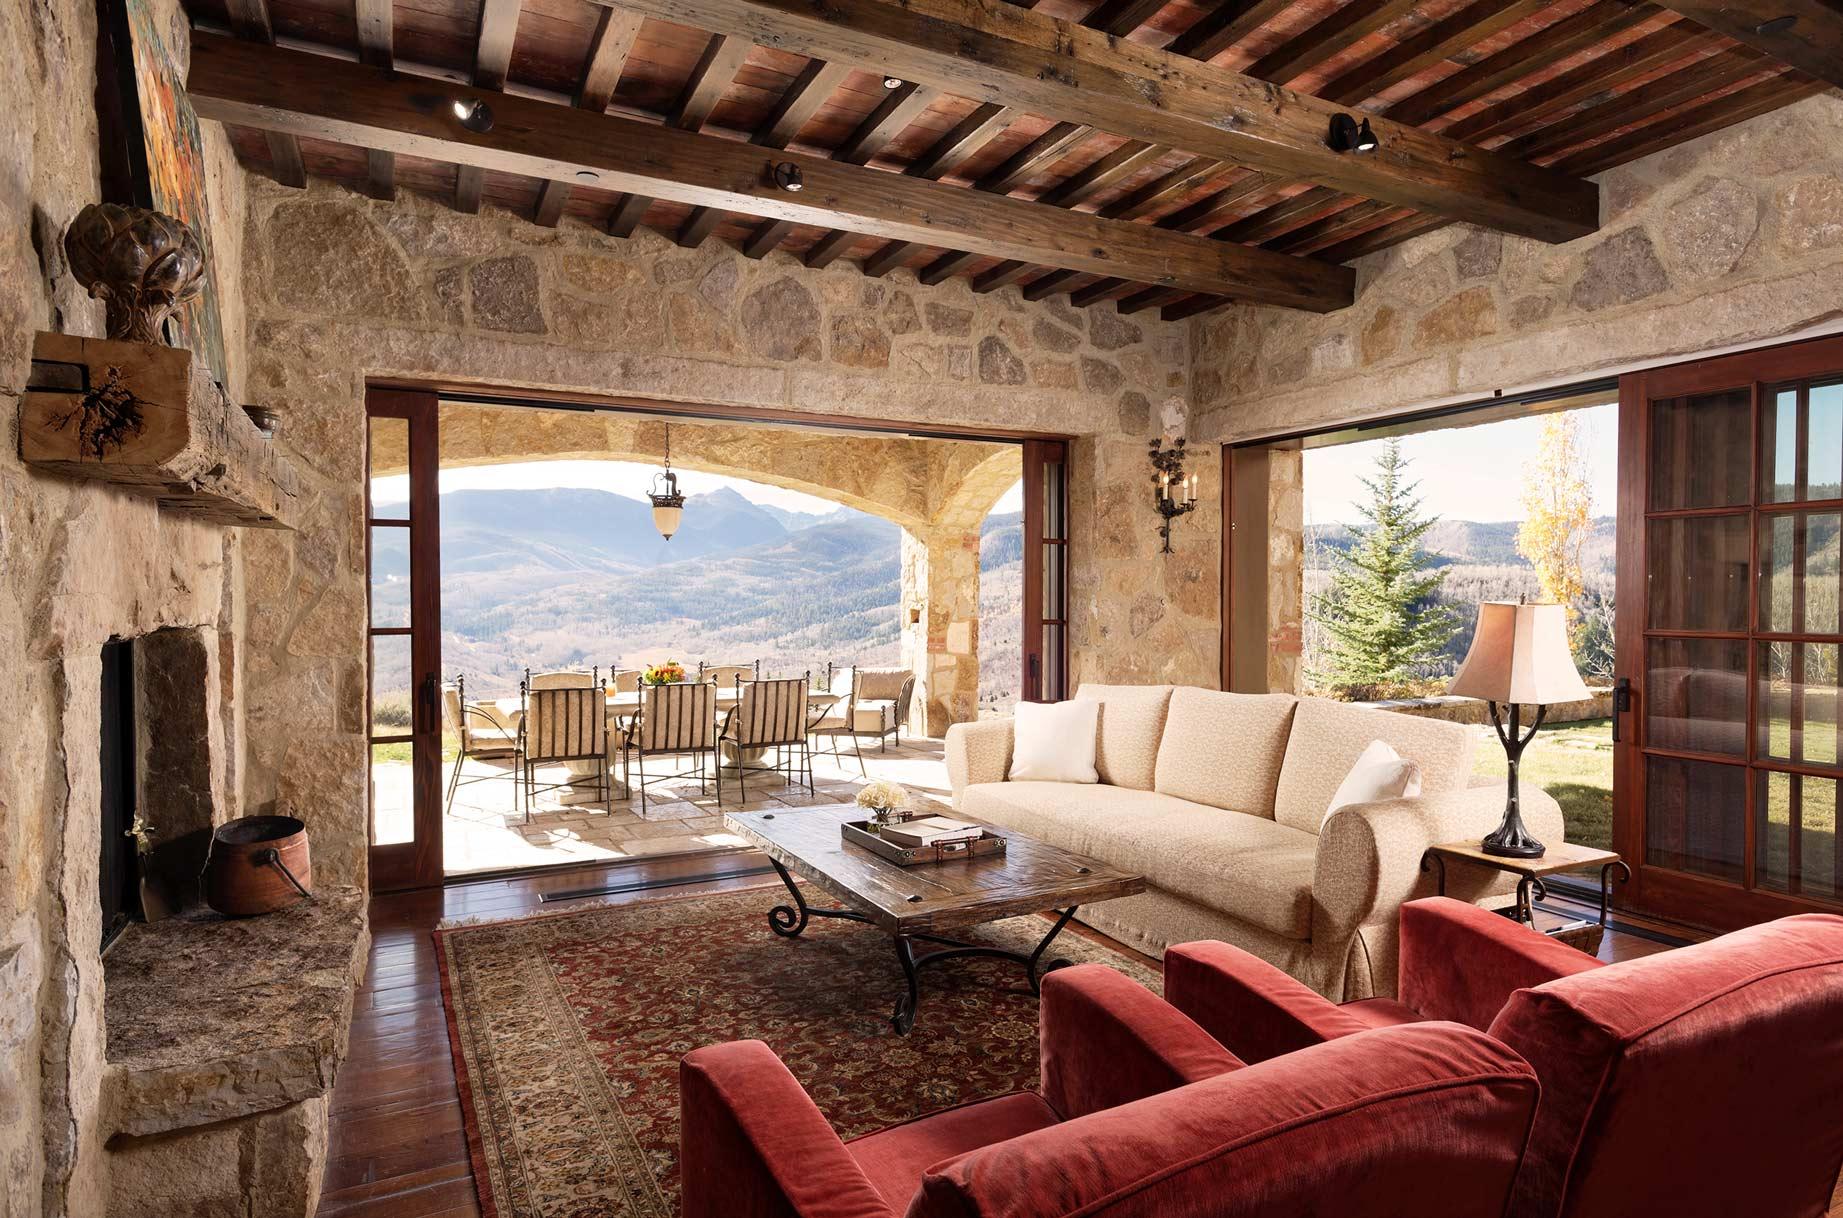 7 bedroom luxury rental in Vail